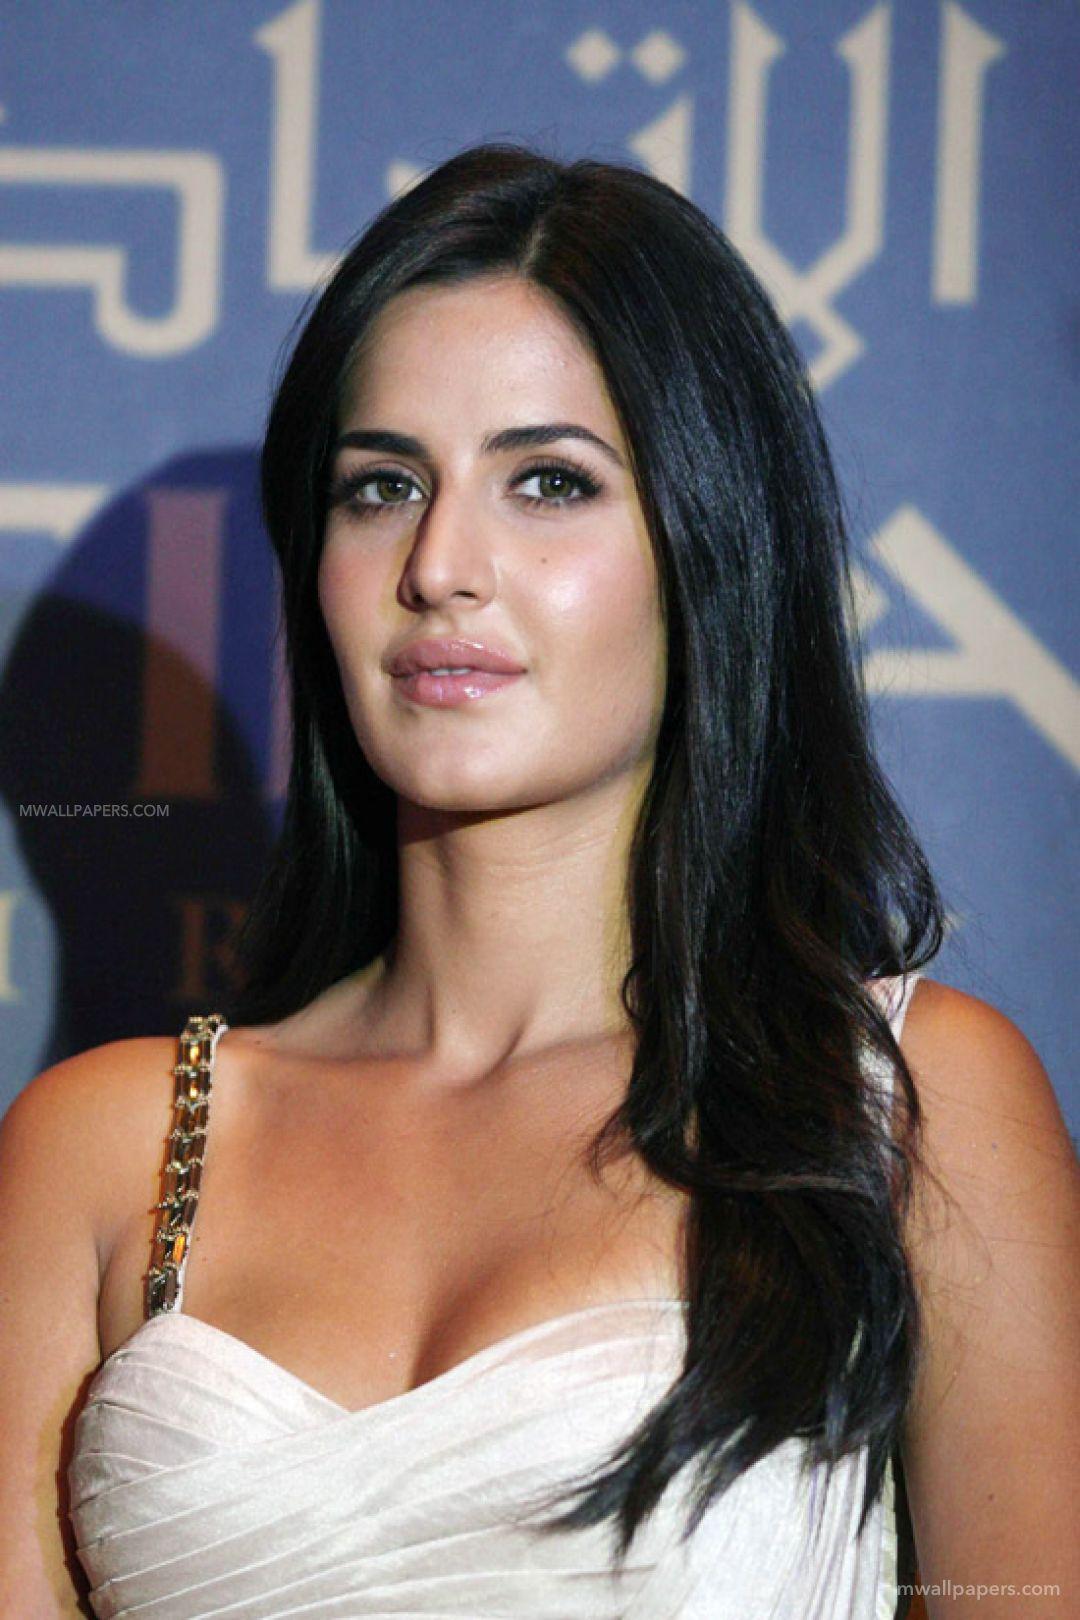 Katrina Kaif Hd Wallpapers (1080p, 4k) (48841) - Katrina Kaif Bollywood Hot , HD Wallpaper & Backgrounds